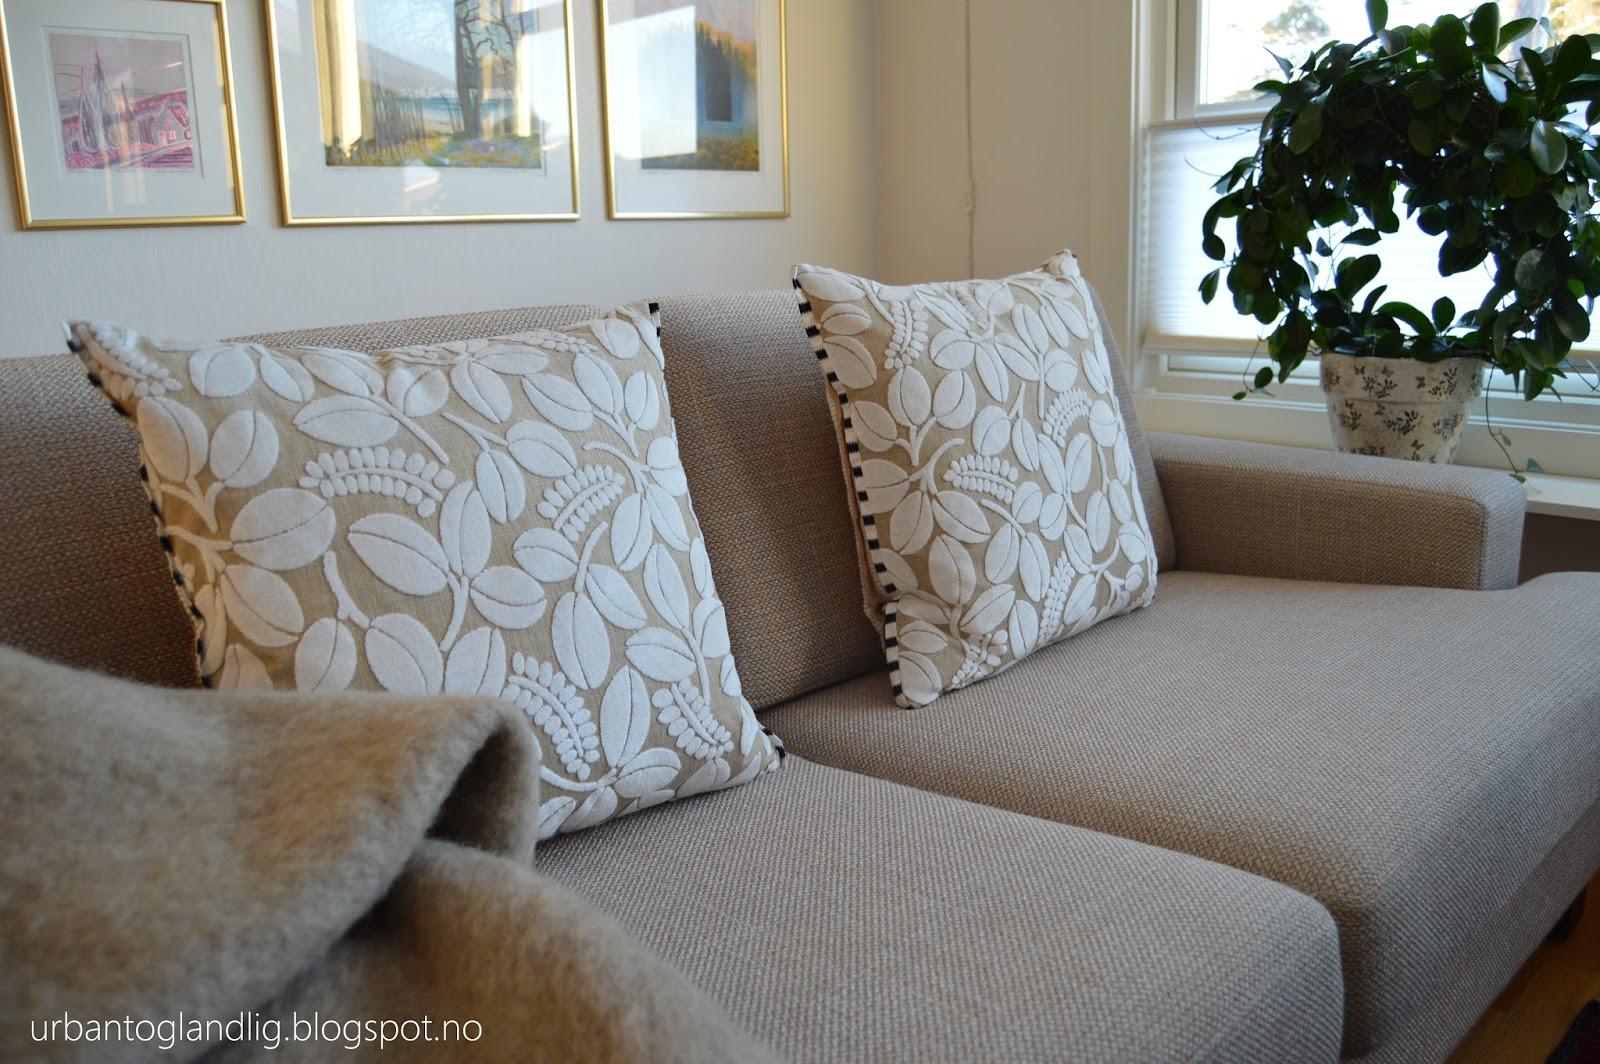 designers guild artig p salg dere urbantoglandlig. Black Bedroom Furniture Sets. Home Design Ideas